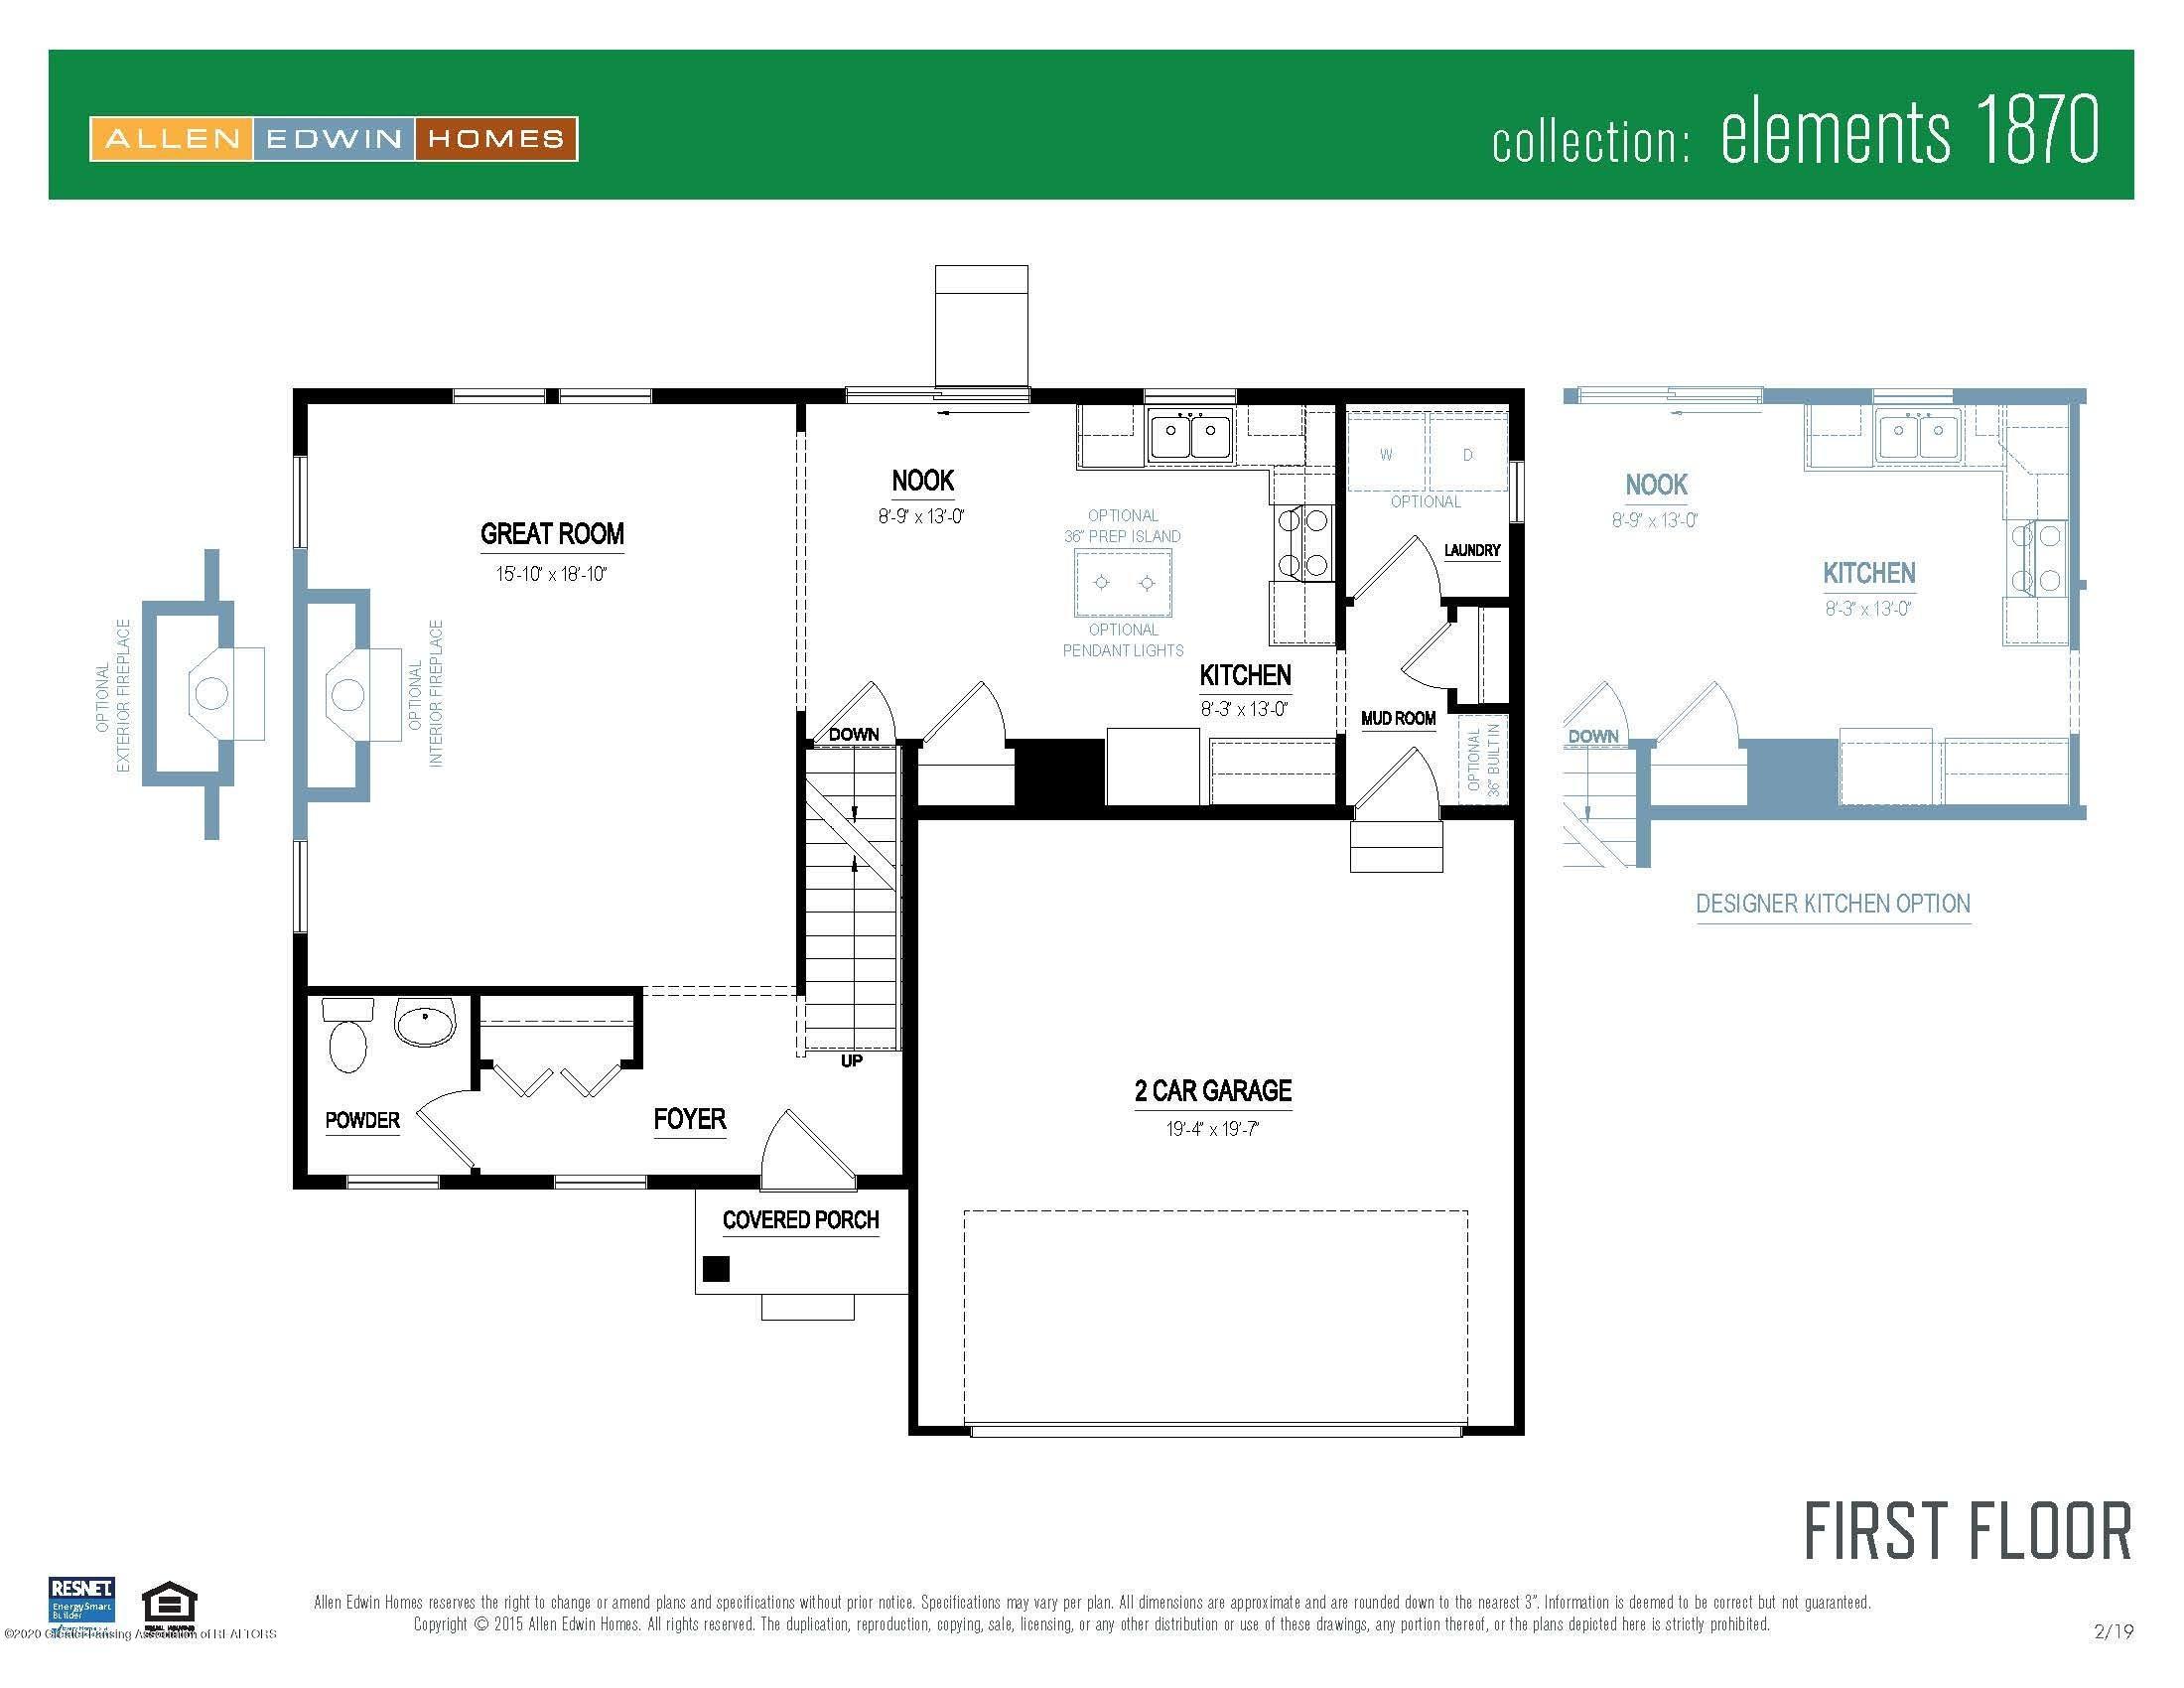 1135 Oakwood Dr - Elements 1870 V8.0c First Floor - 18